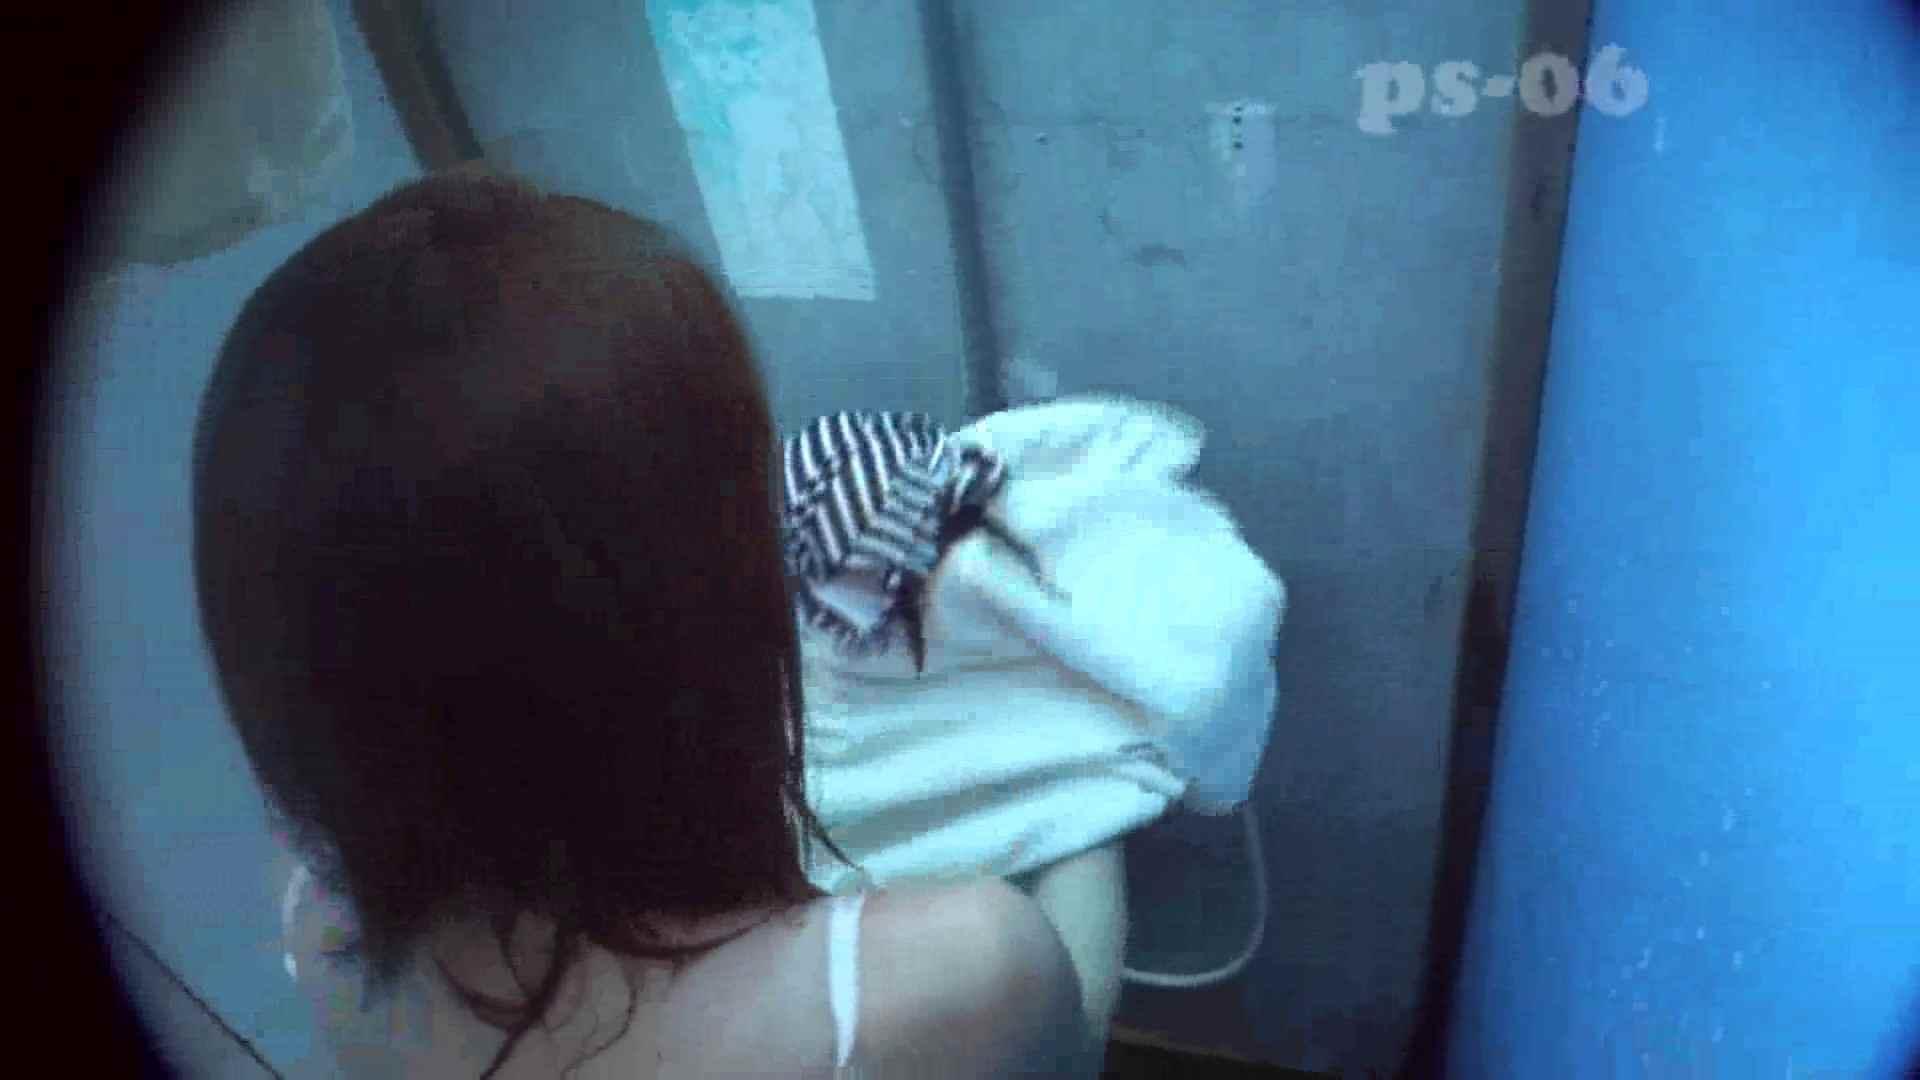 シャワールームは危険な香りVol.6(ハイビジョンサンプル版) 盛合せ  111PIX 45